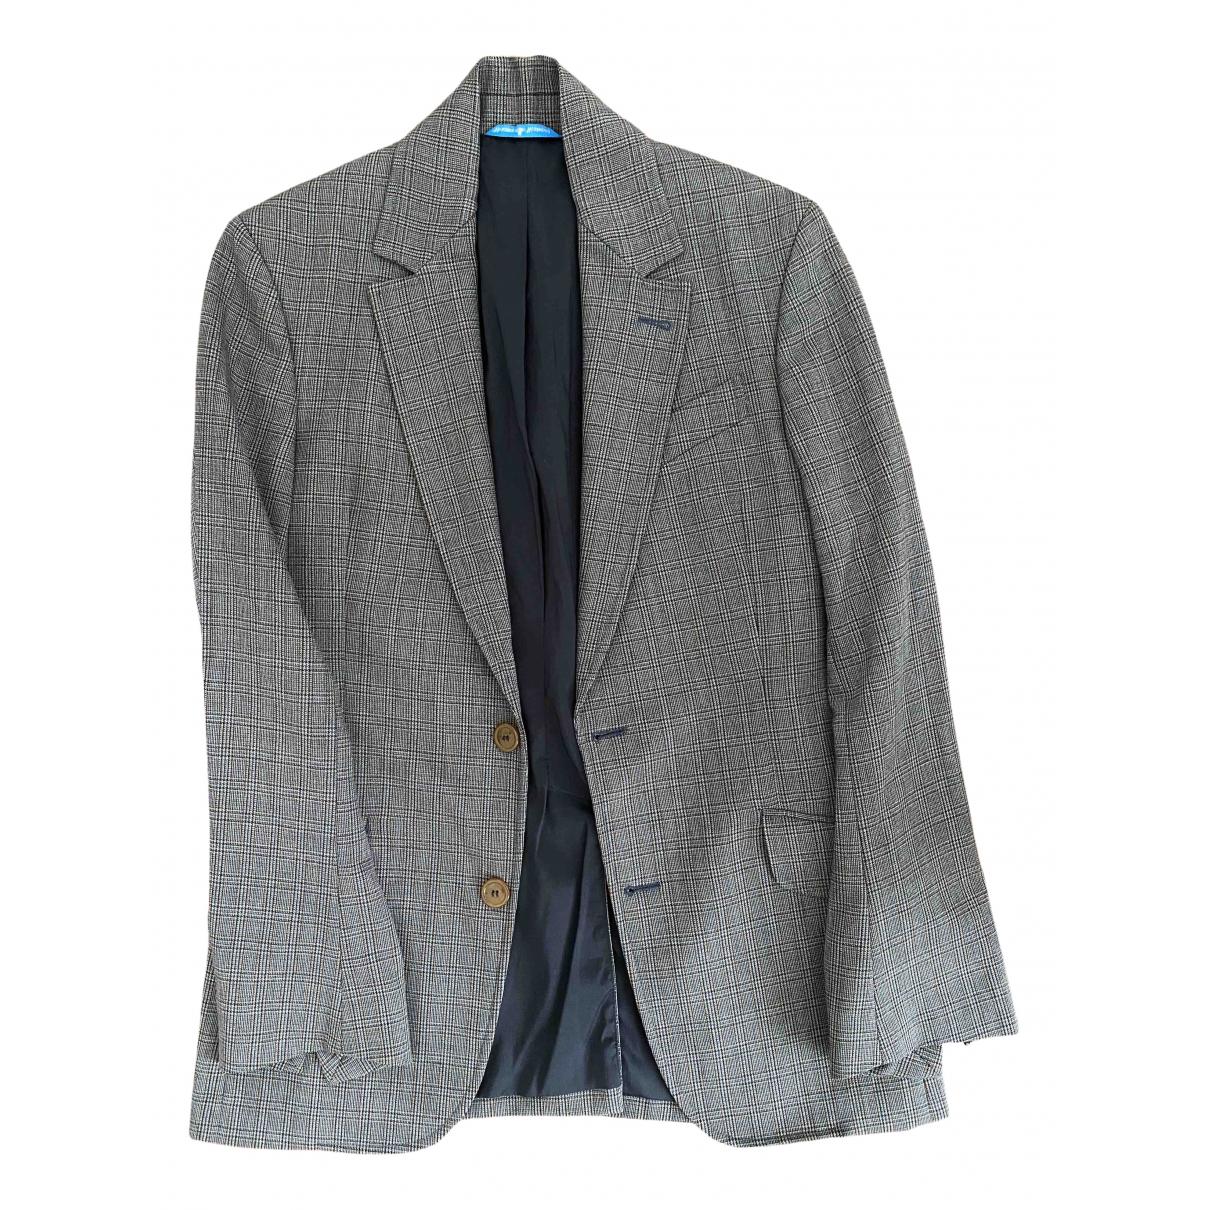 Vivienne Westwood - Vestes.Blousons   pour homme en laine - gris